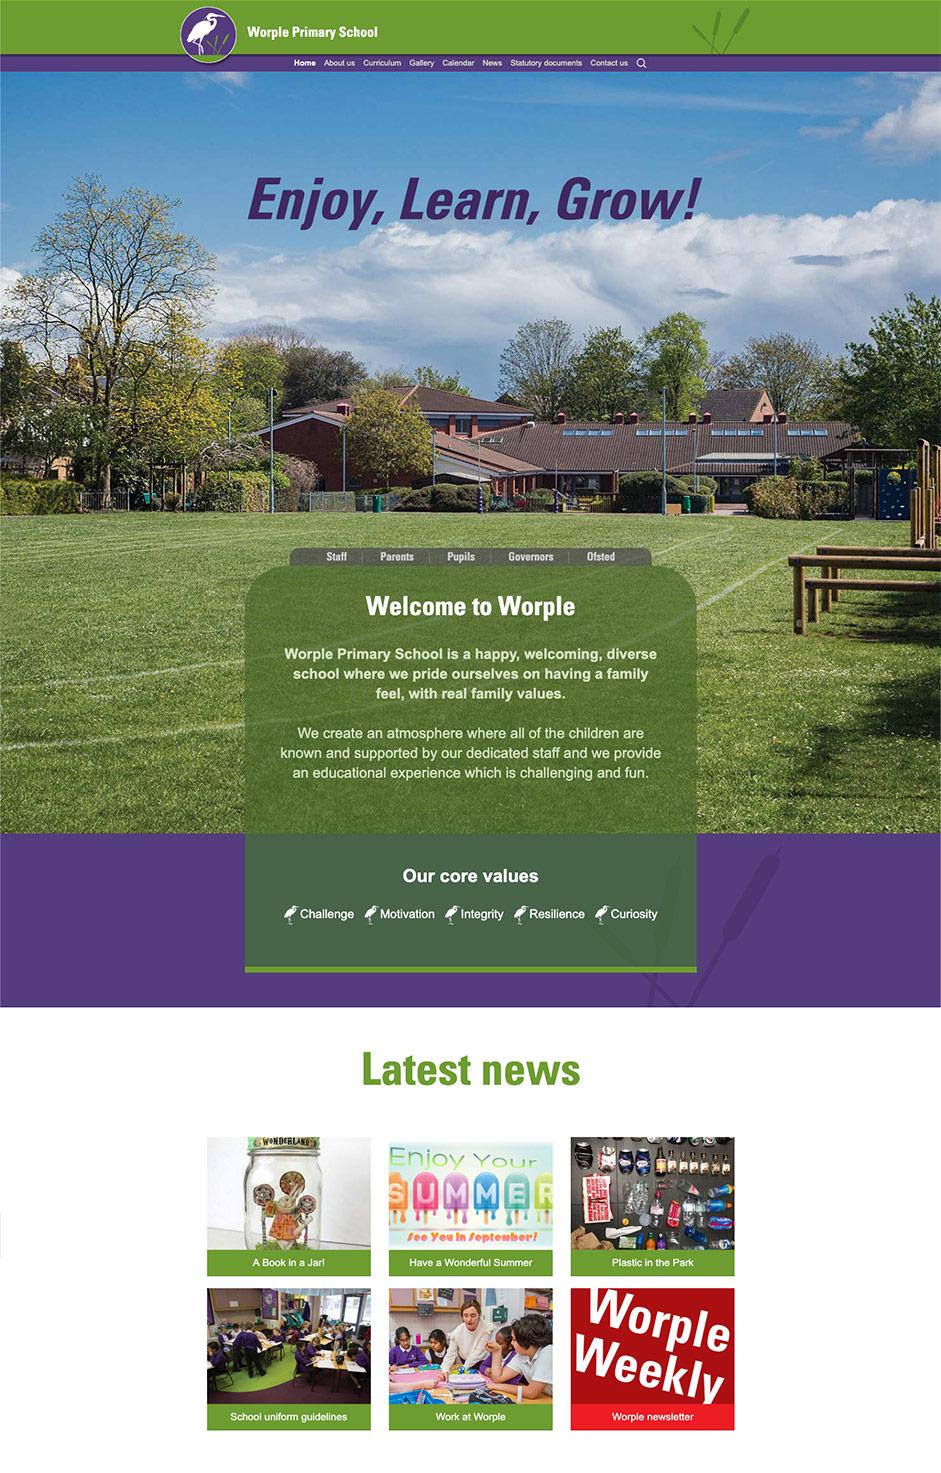 Worple Primary School Website Design Warriors Ltd